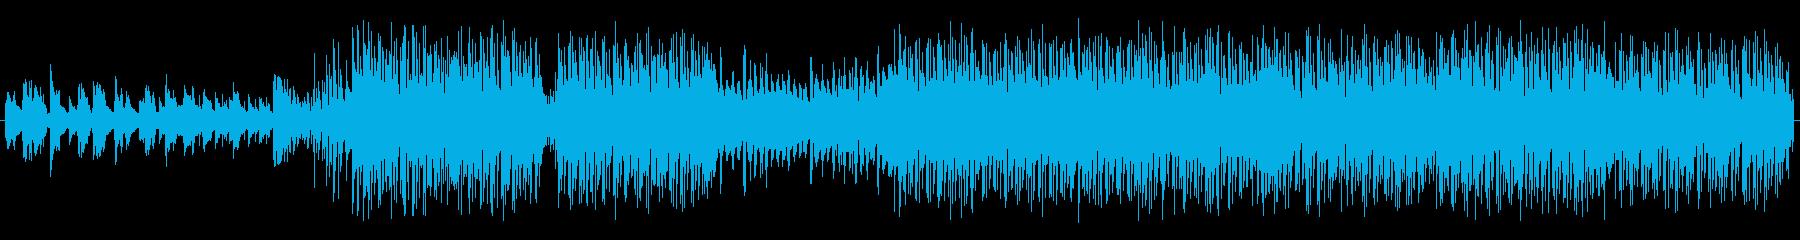 超個性的!EDM,HIPHOP,レゲトンの再生済みの波形